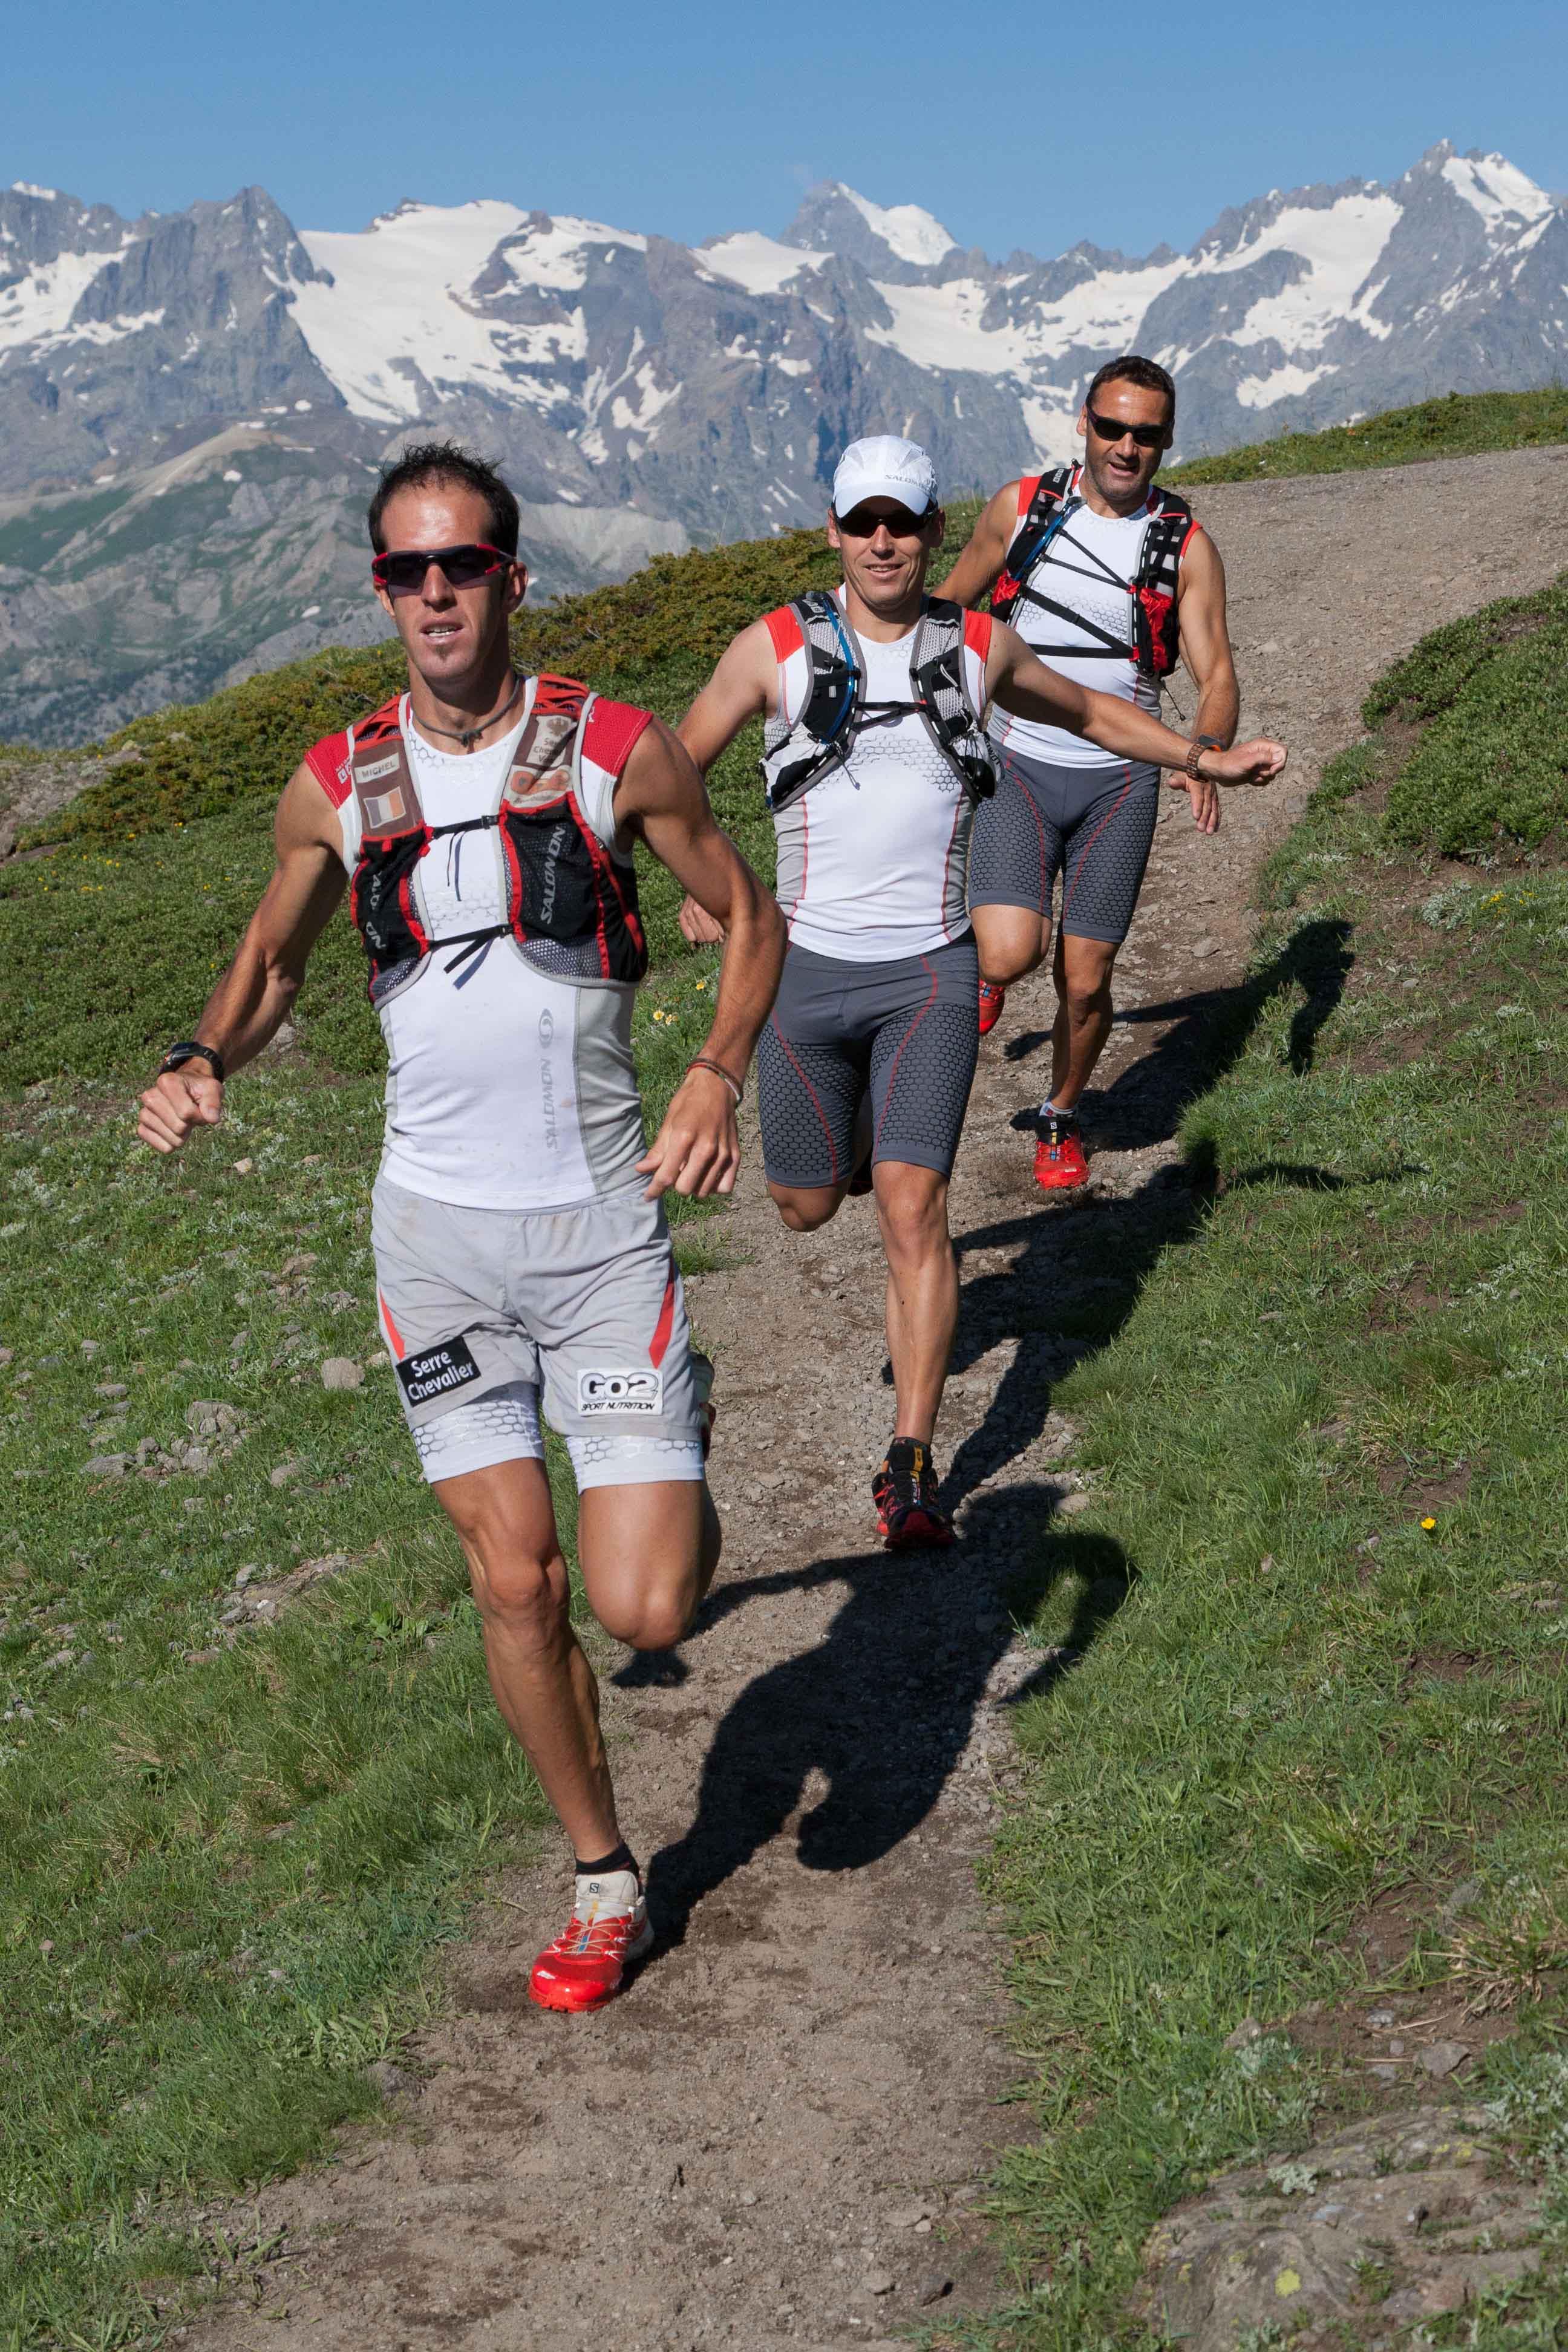 1 Michel Lanne et une partie de son équipe en reconnaissance sur le Serre Che Trail Salomon photo R Godin - Serre Che Trail Salomon : dernière étape des Skyrunners France Series (par Robert Goin).Teaser vidéo 2014.